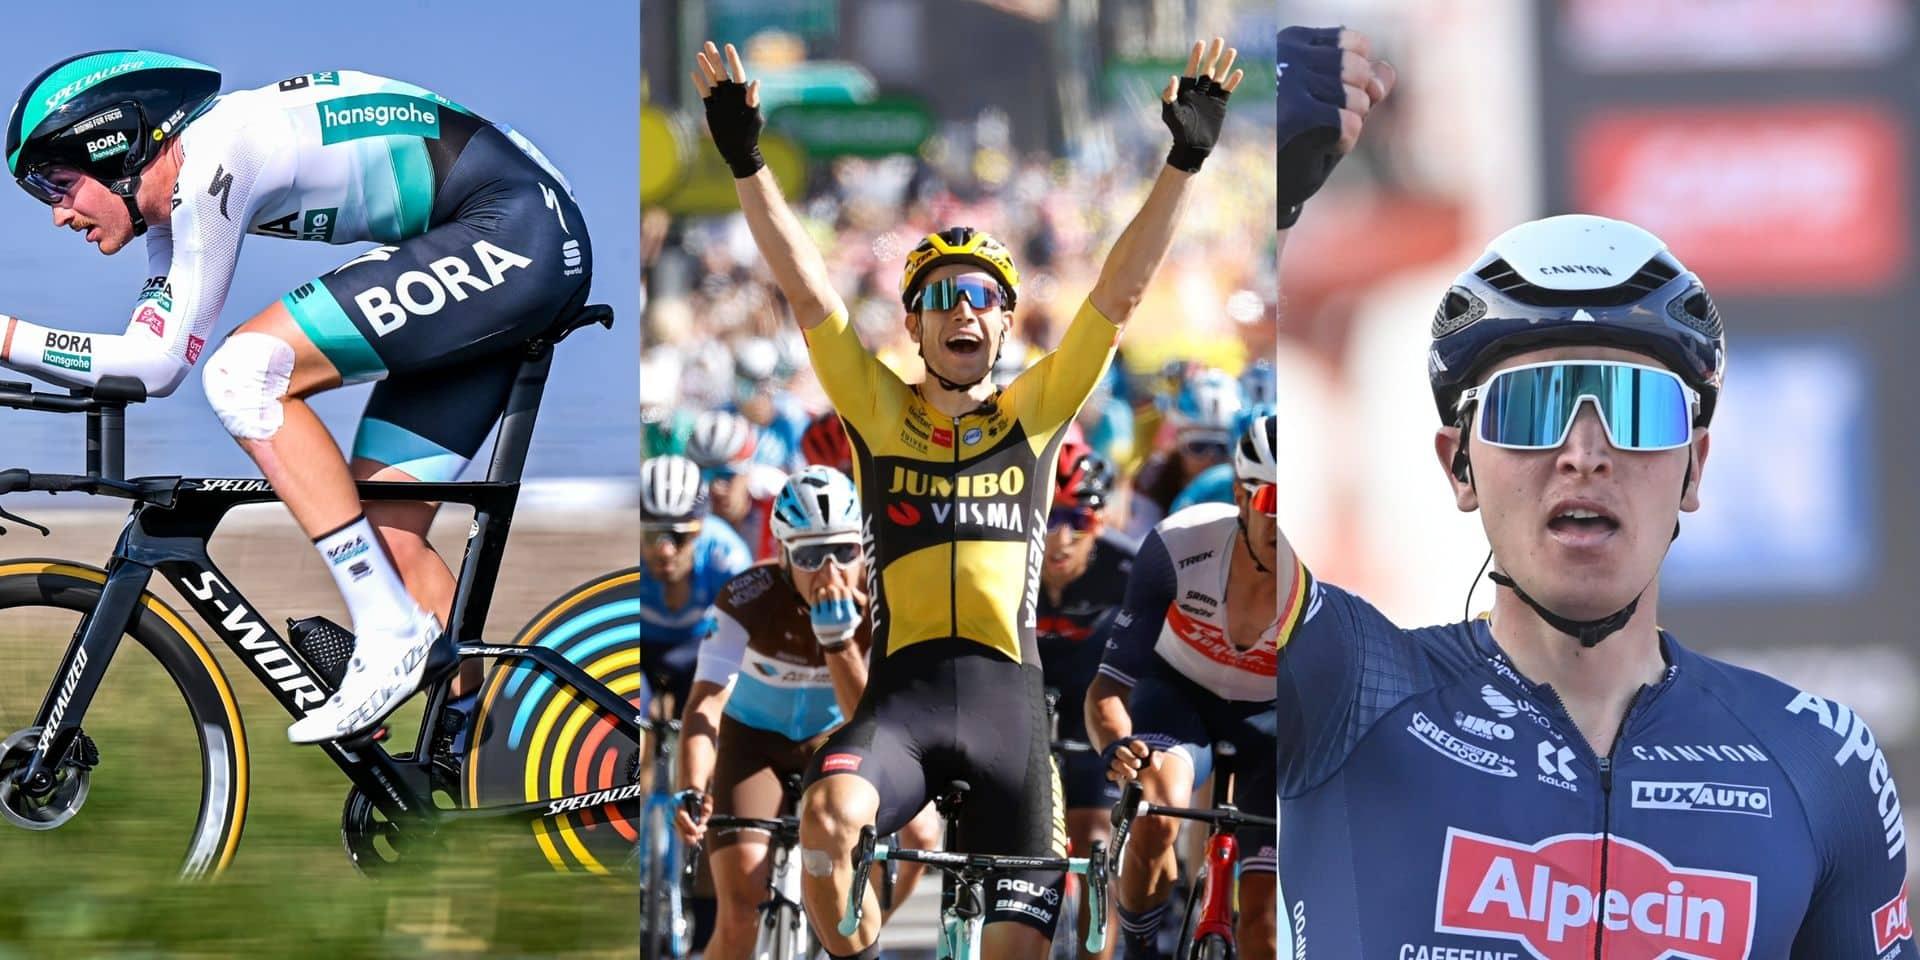 Van Aert, Merlier, Meus...: la nouvelle vague prometteuse des sprinteurs belges